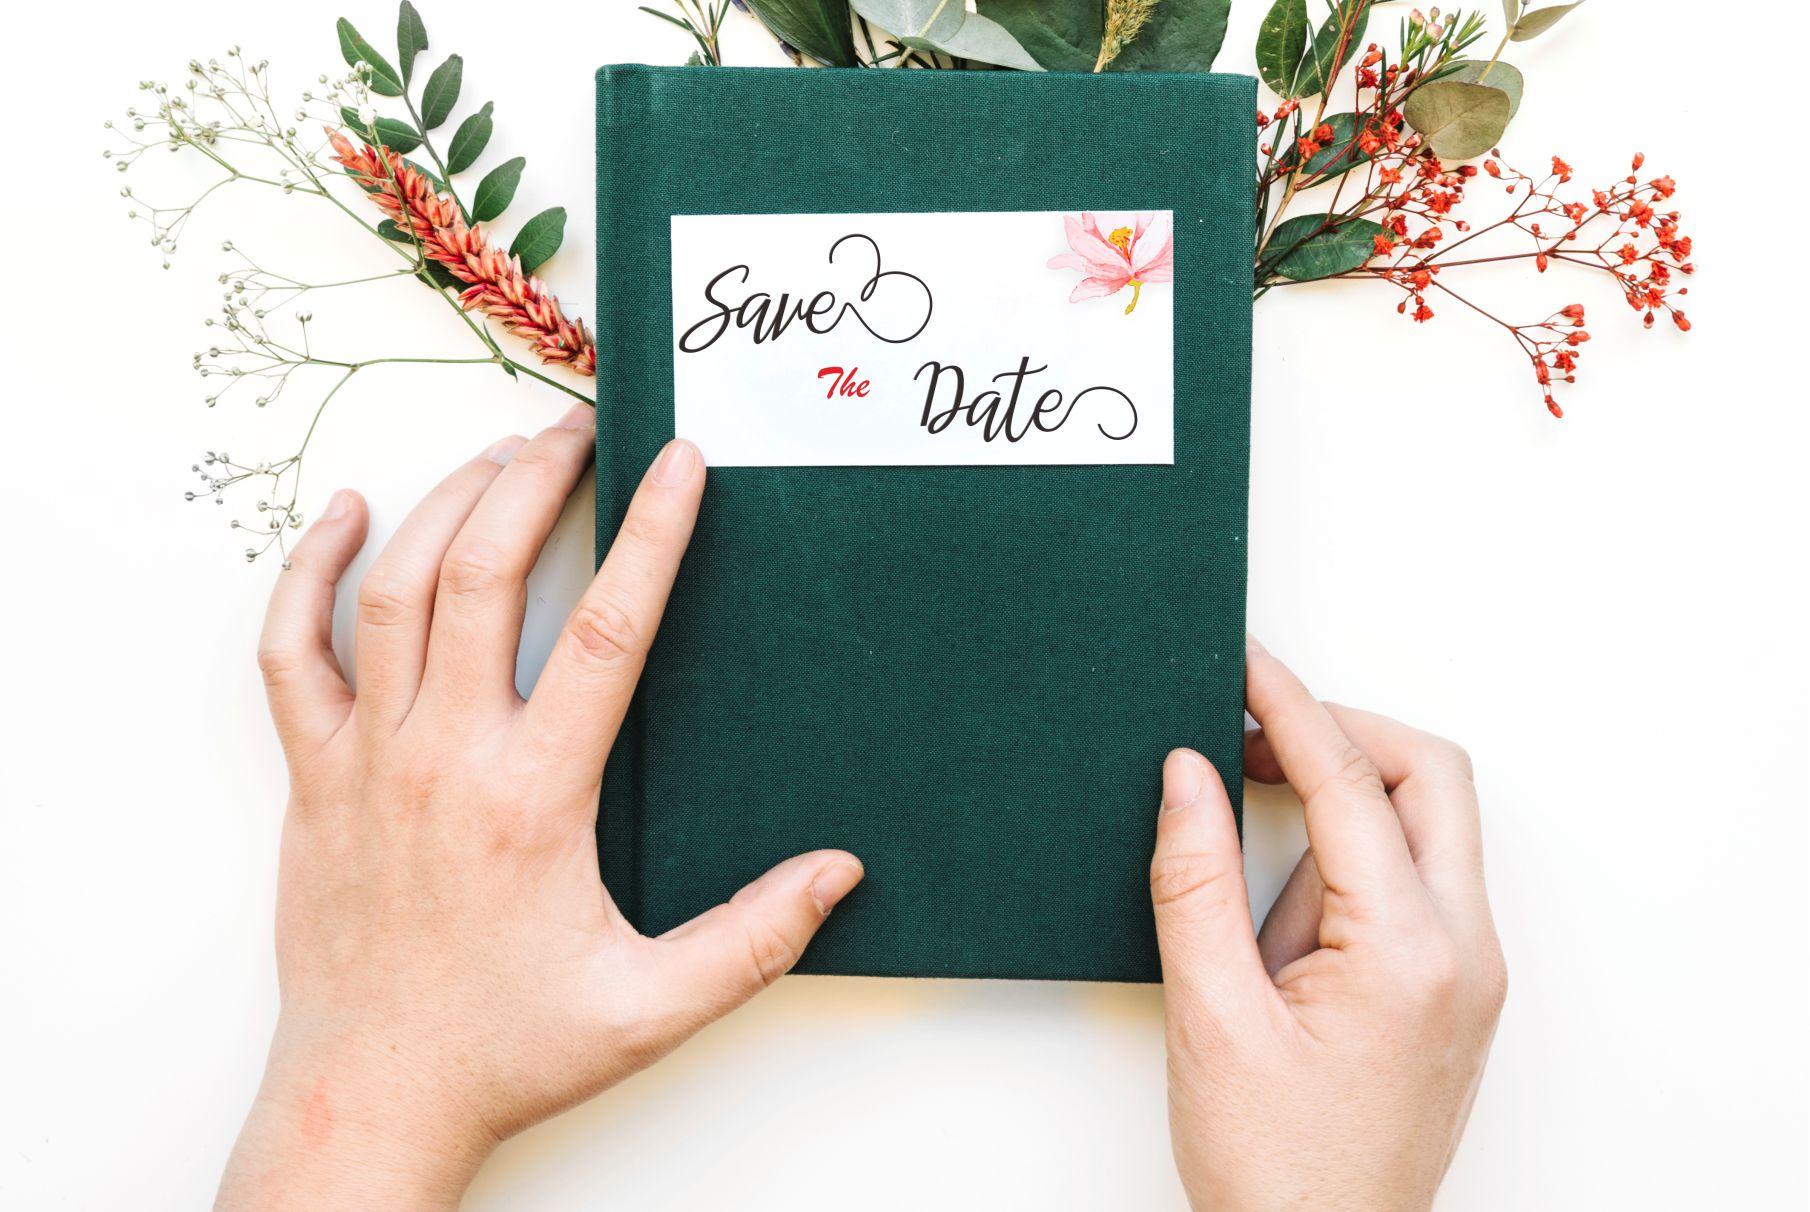 Imelda Wedding Rustic Hand-based Typography